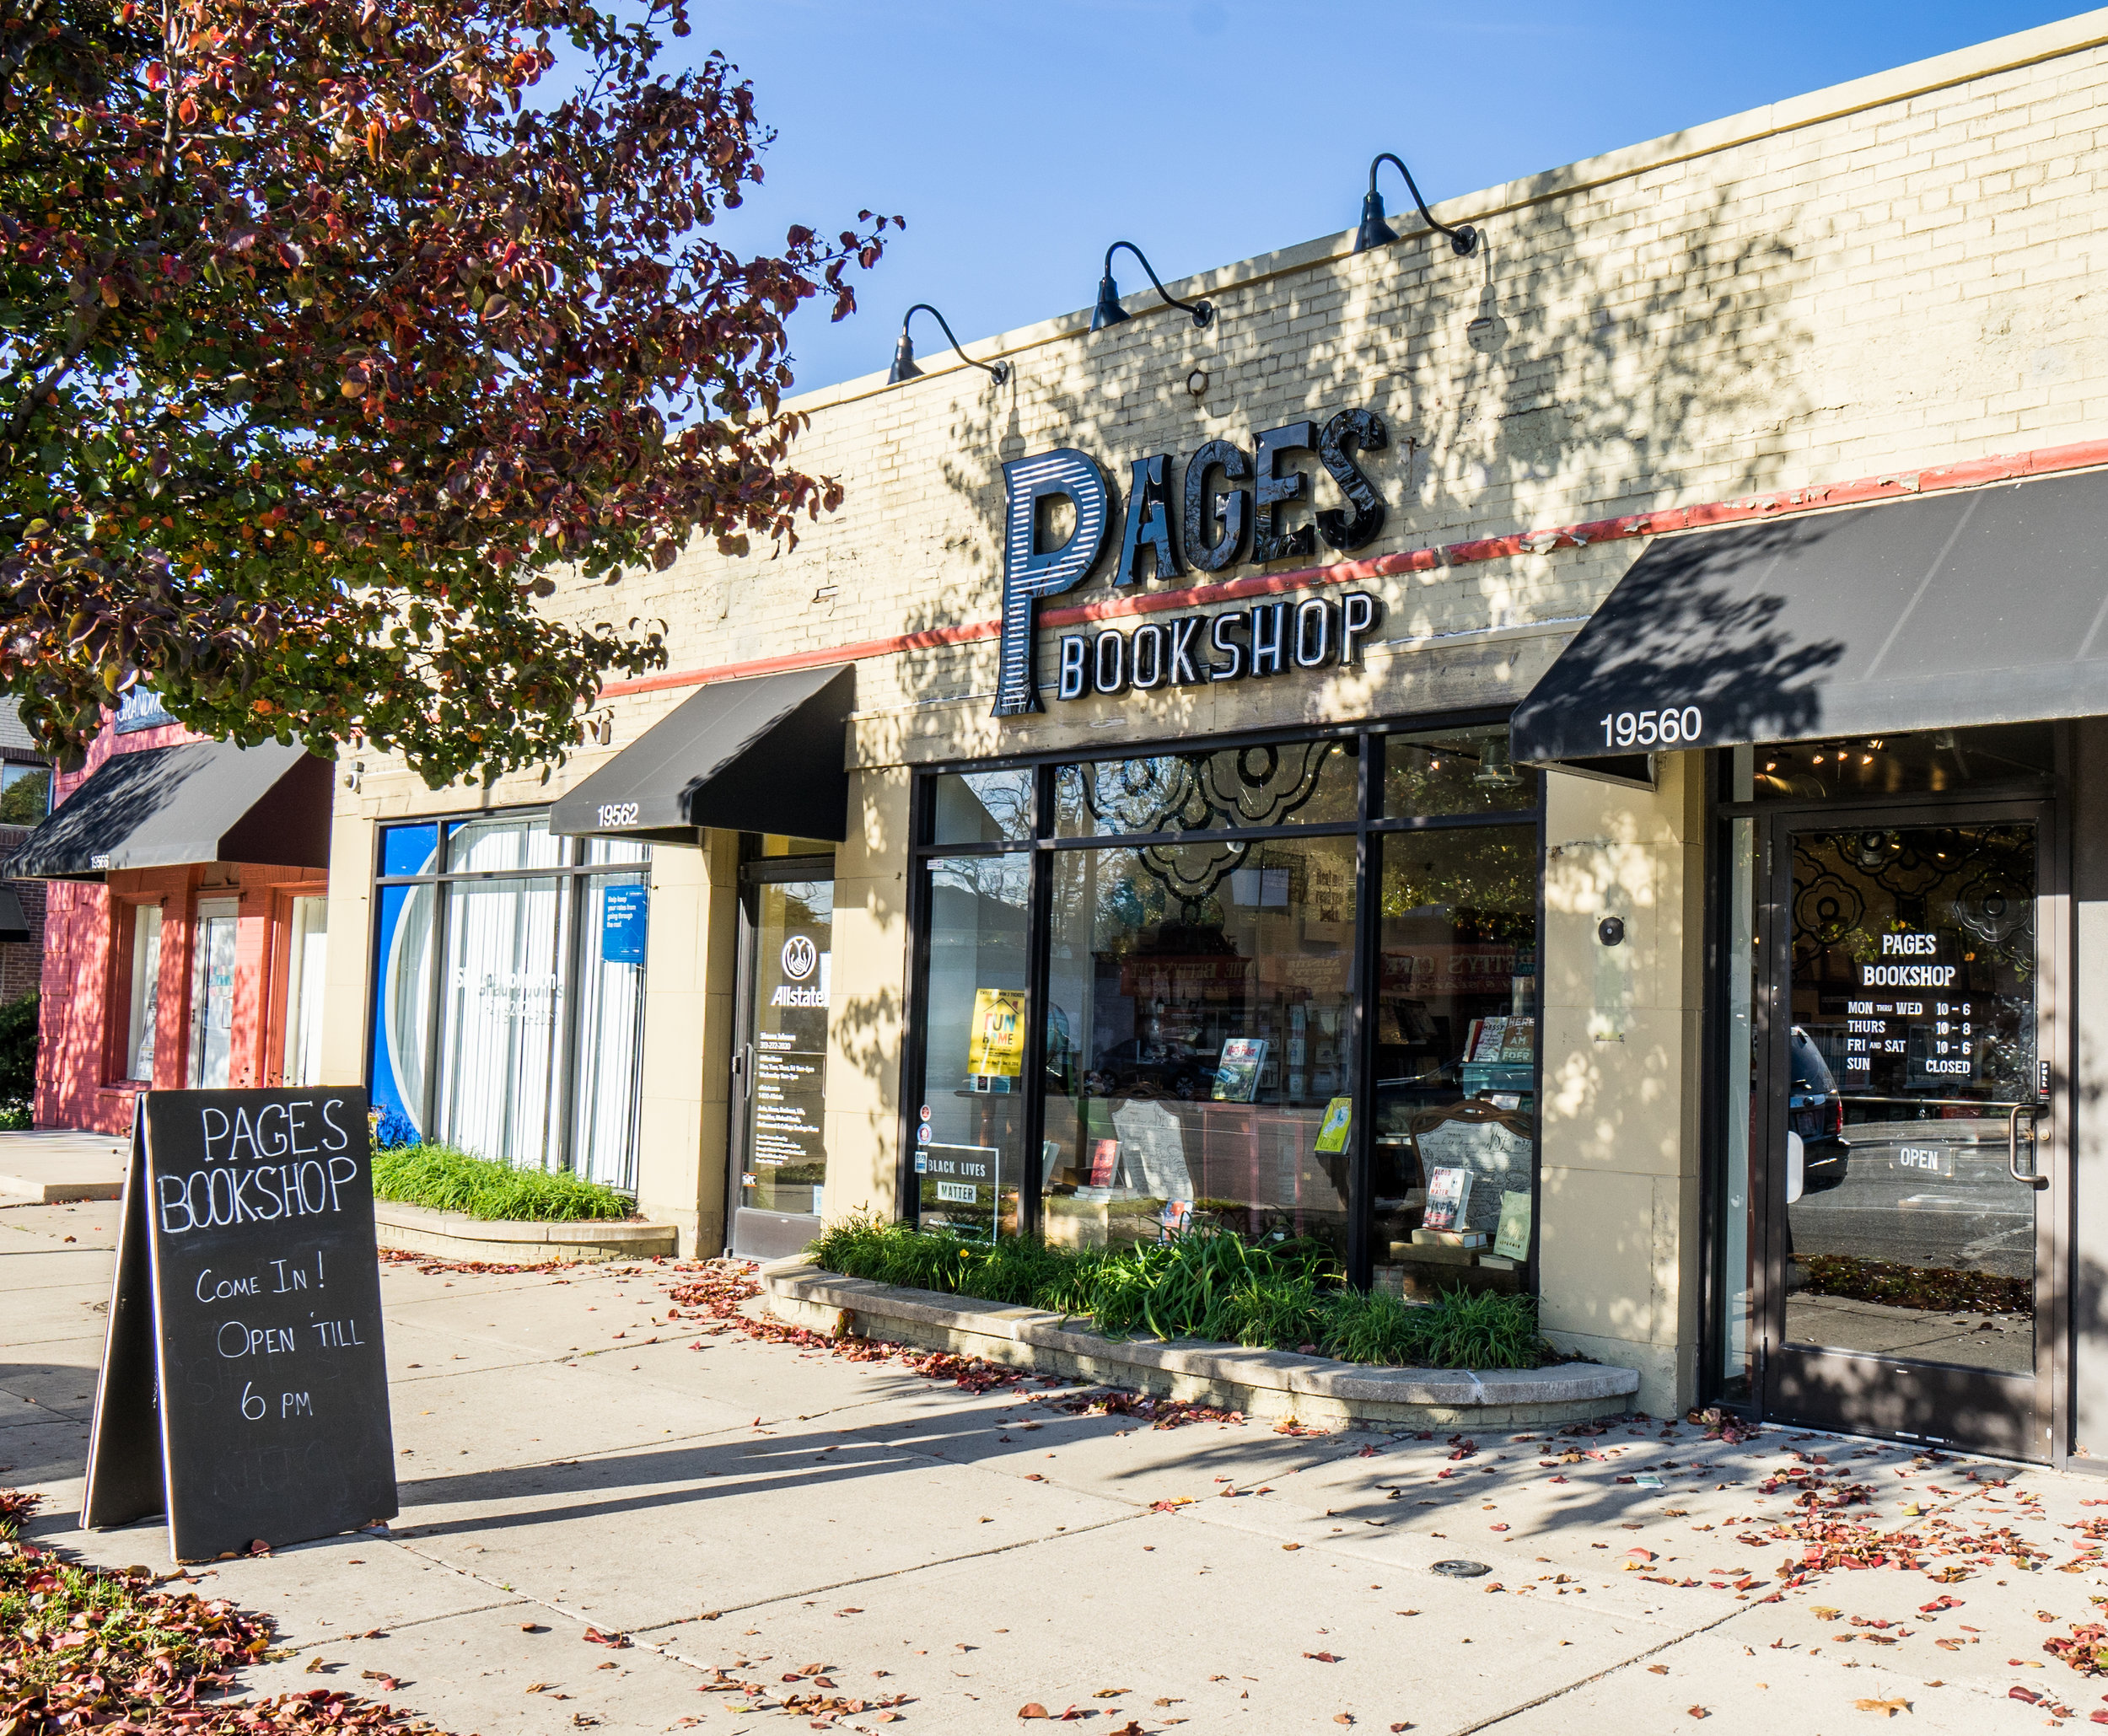 Pages Bookshop  19560 Grand River Ave, Detroit, MI 48223